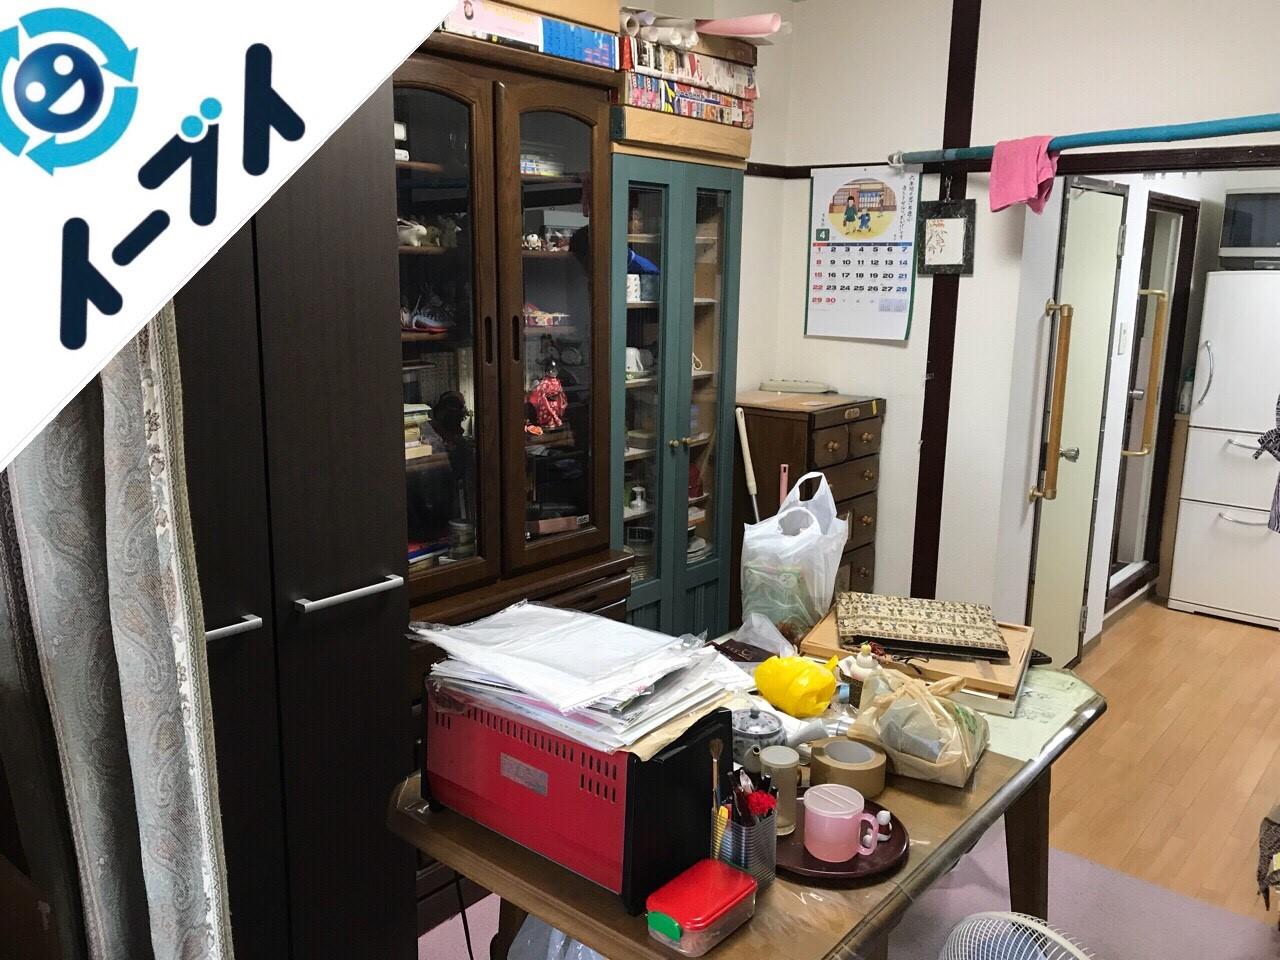 2018年10月21日大阪府大阪市平野区で介護施設入所のため荷物の片付けと不用品回収。写真3